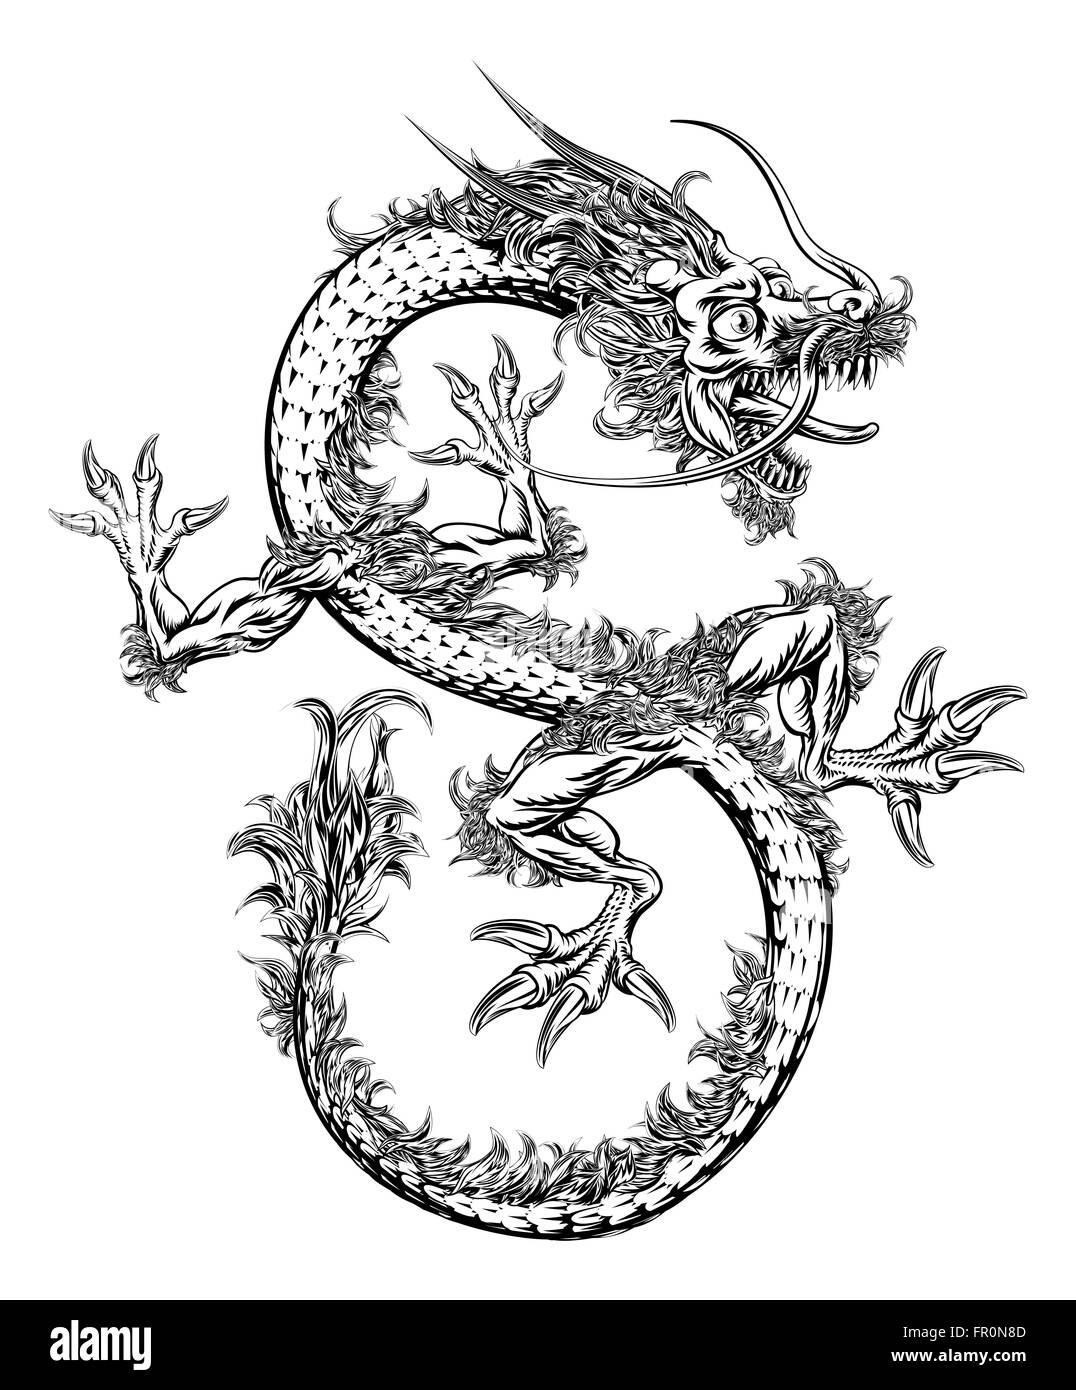 une illustration en noir et blanc d 39 un style chinois ou japonais dragon oriental banque d 39 images. Black Bedroom Furniture Sets. Home Design Ideas